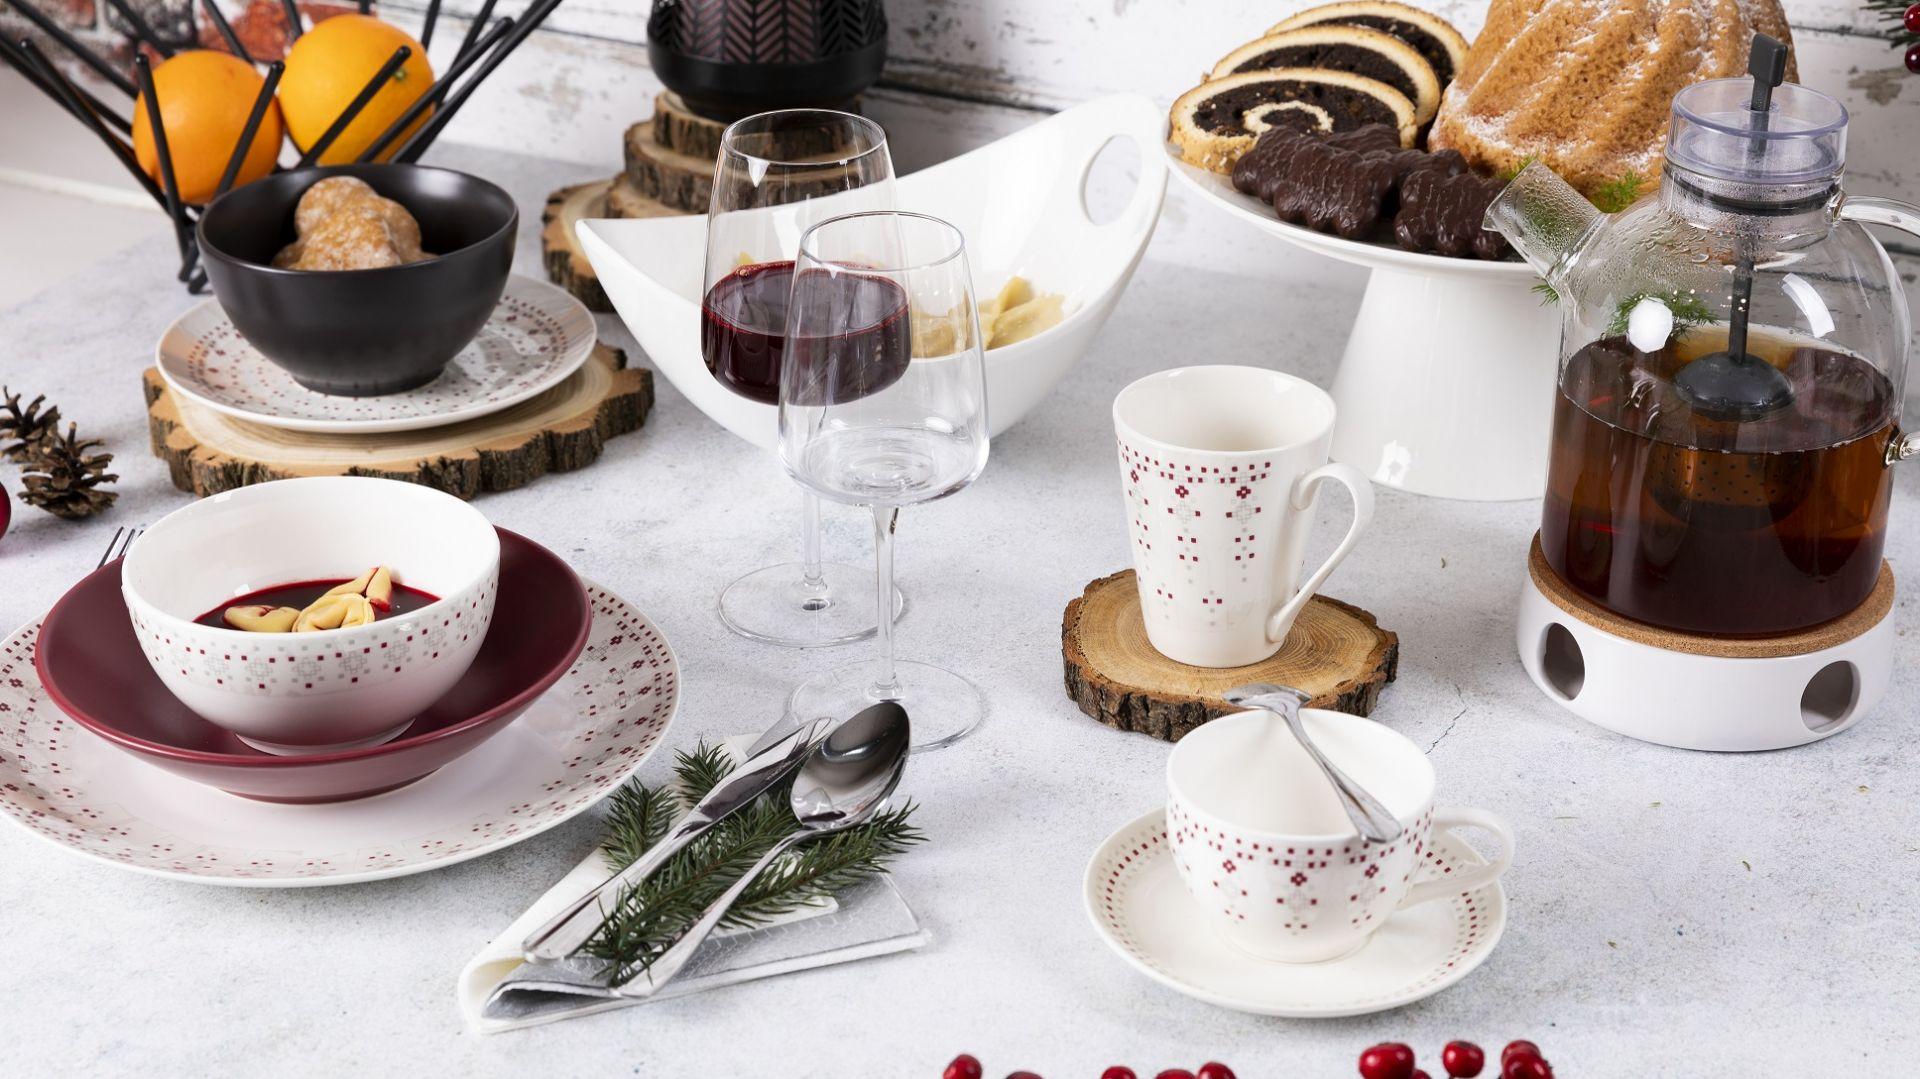 Naczynia Florina z kolekcji Merry. Fot. Zasmakuj Radości